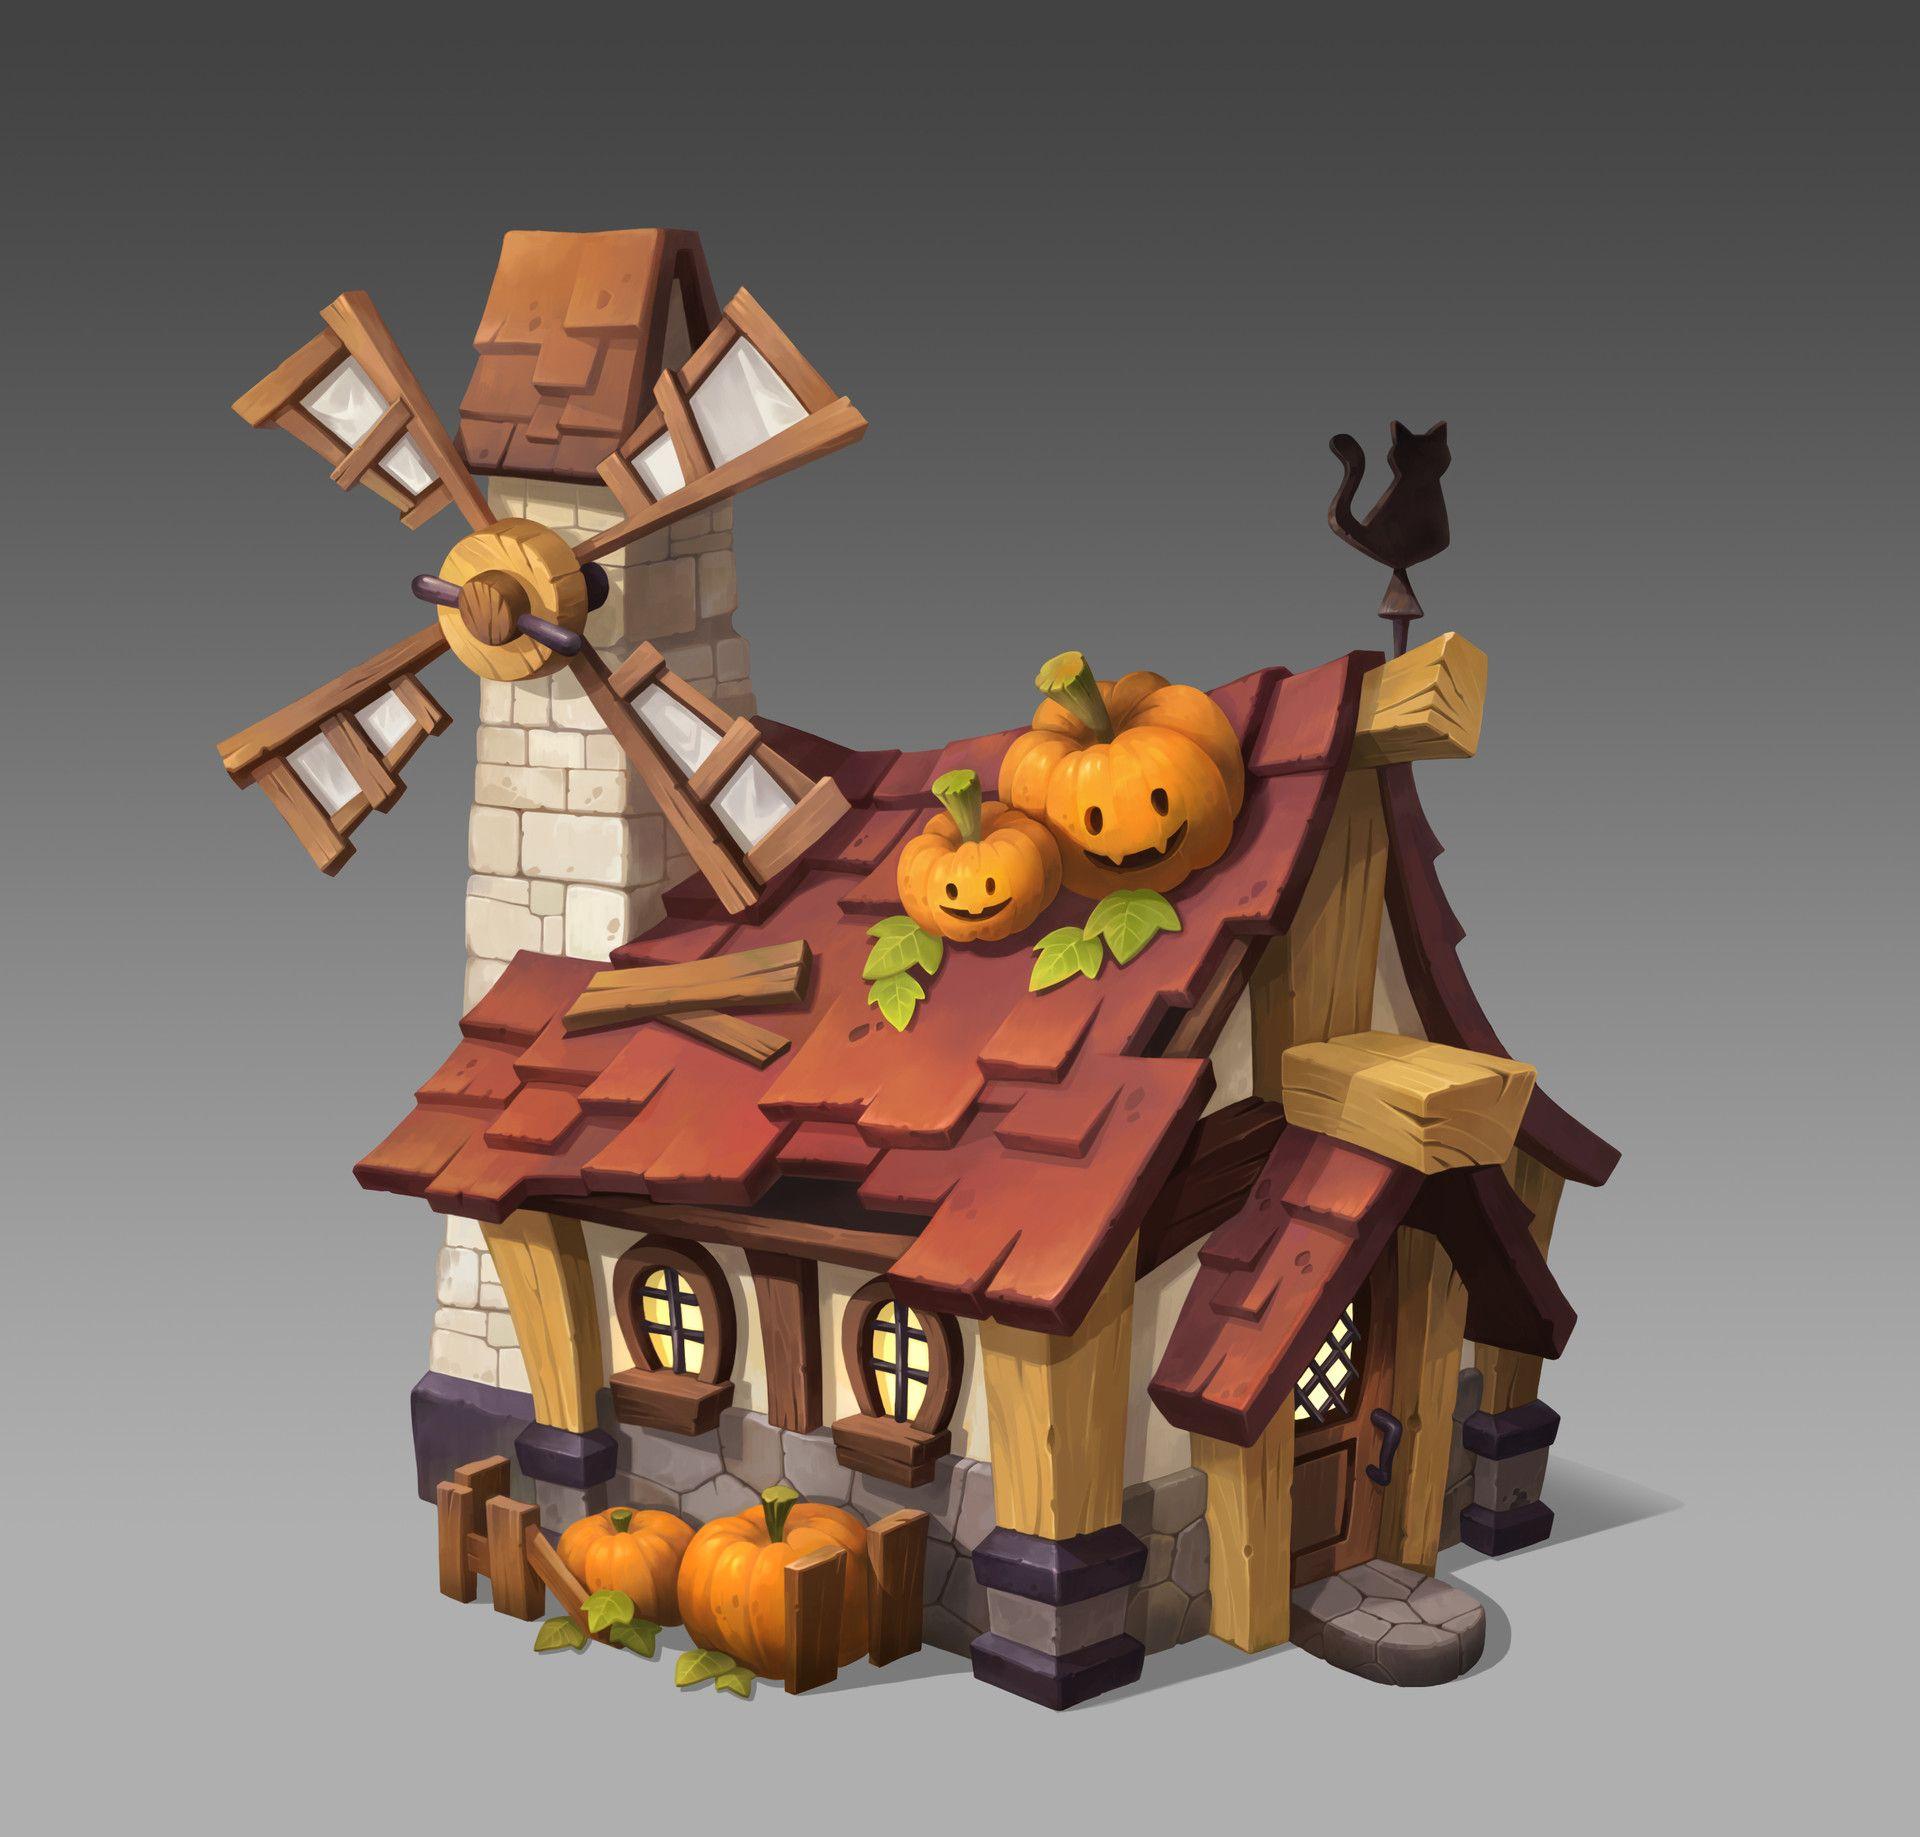 Artstation - Pumpkin Farmer' House Del Goni